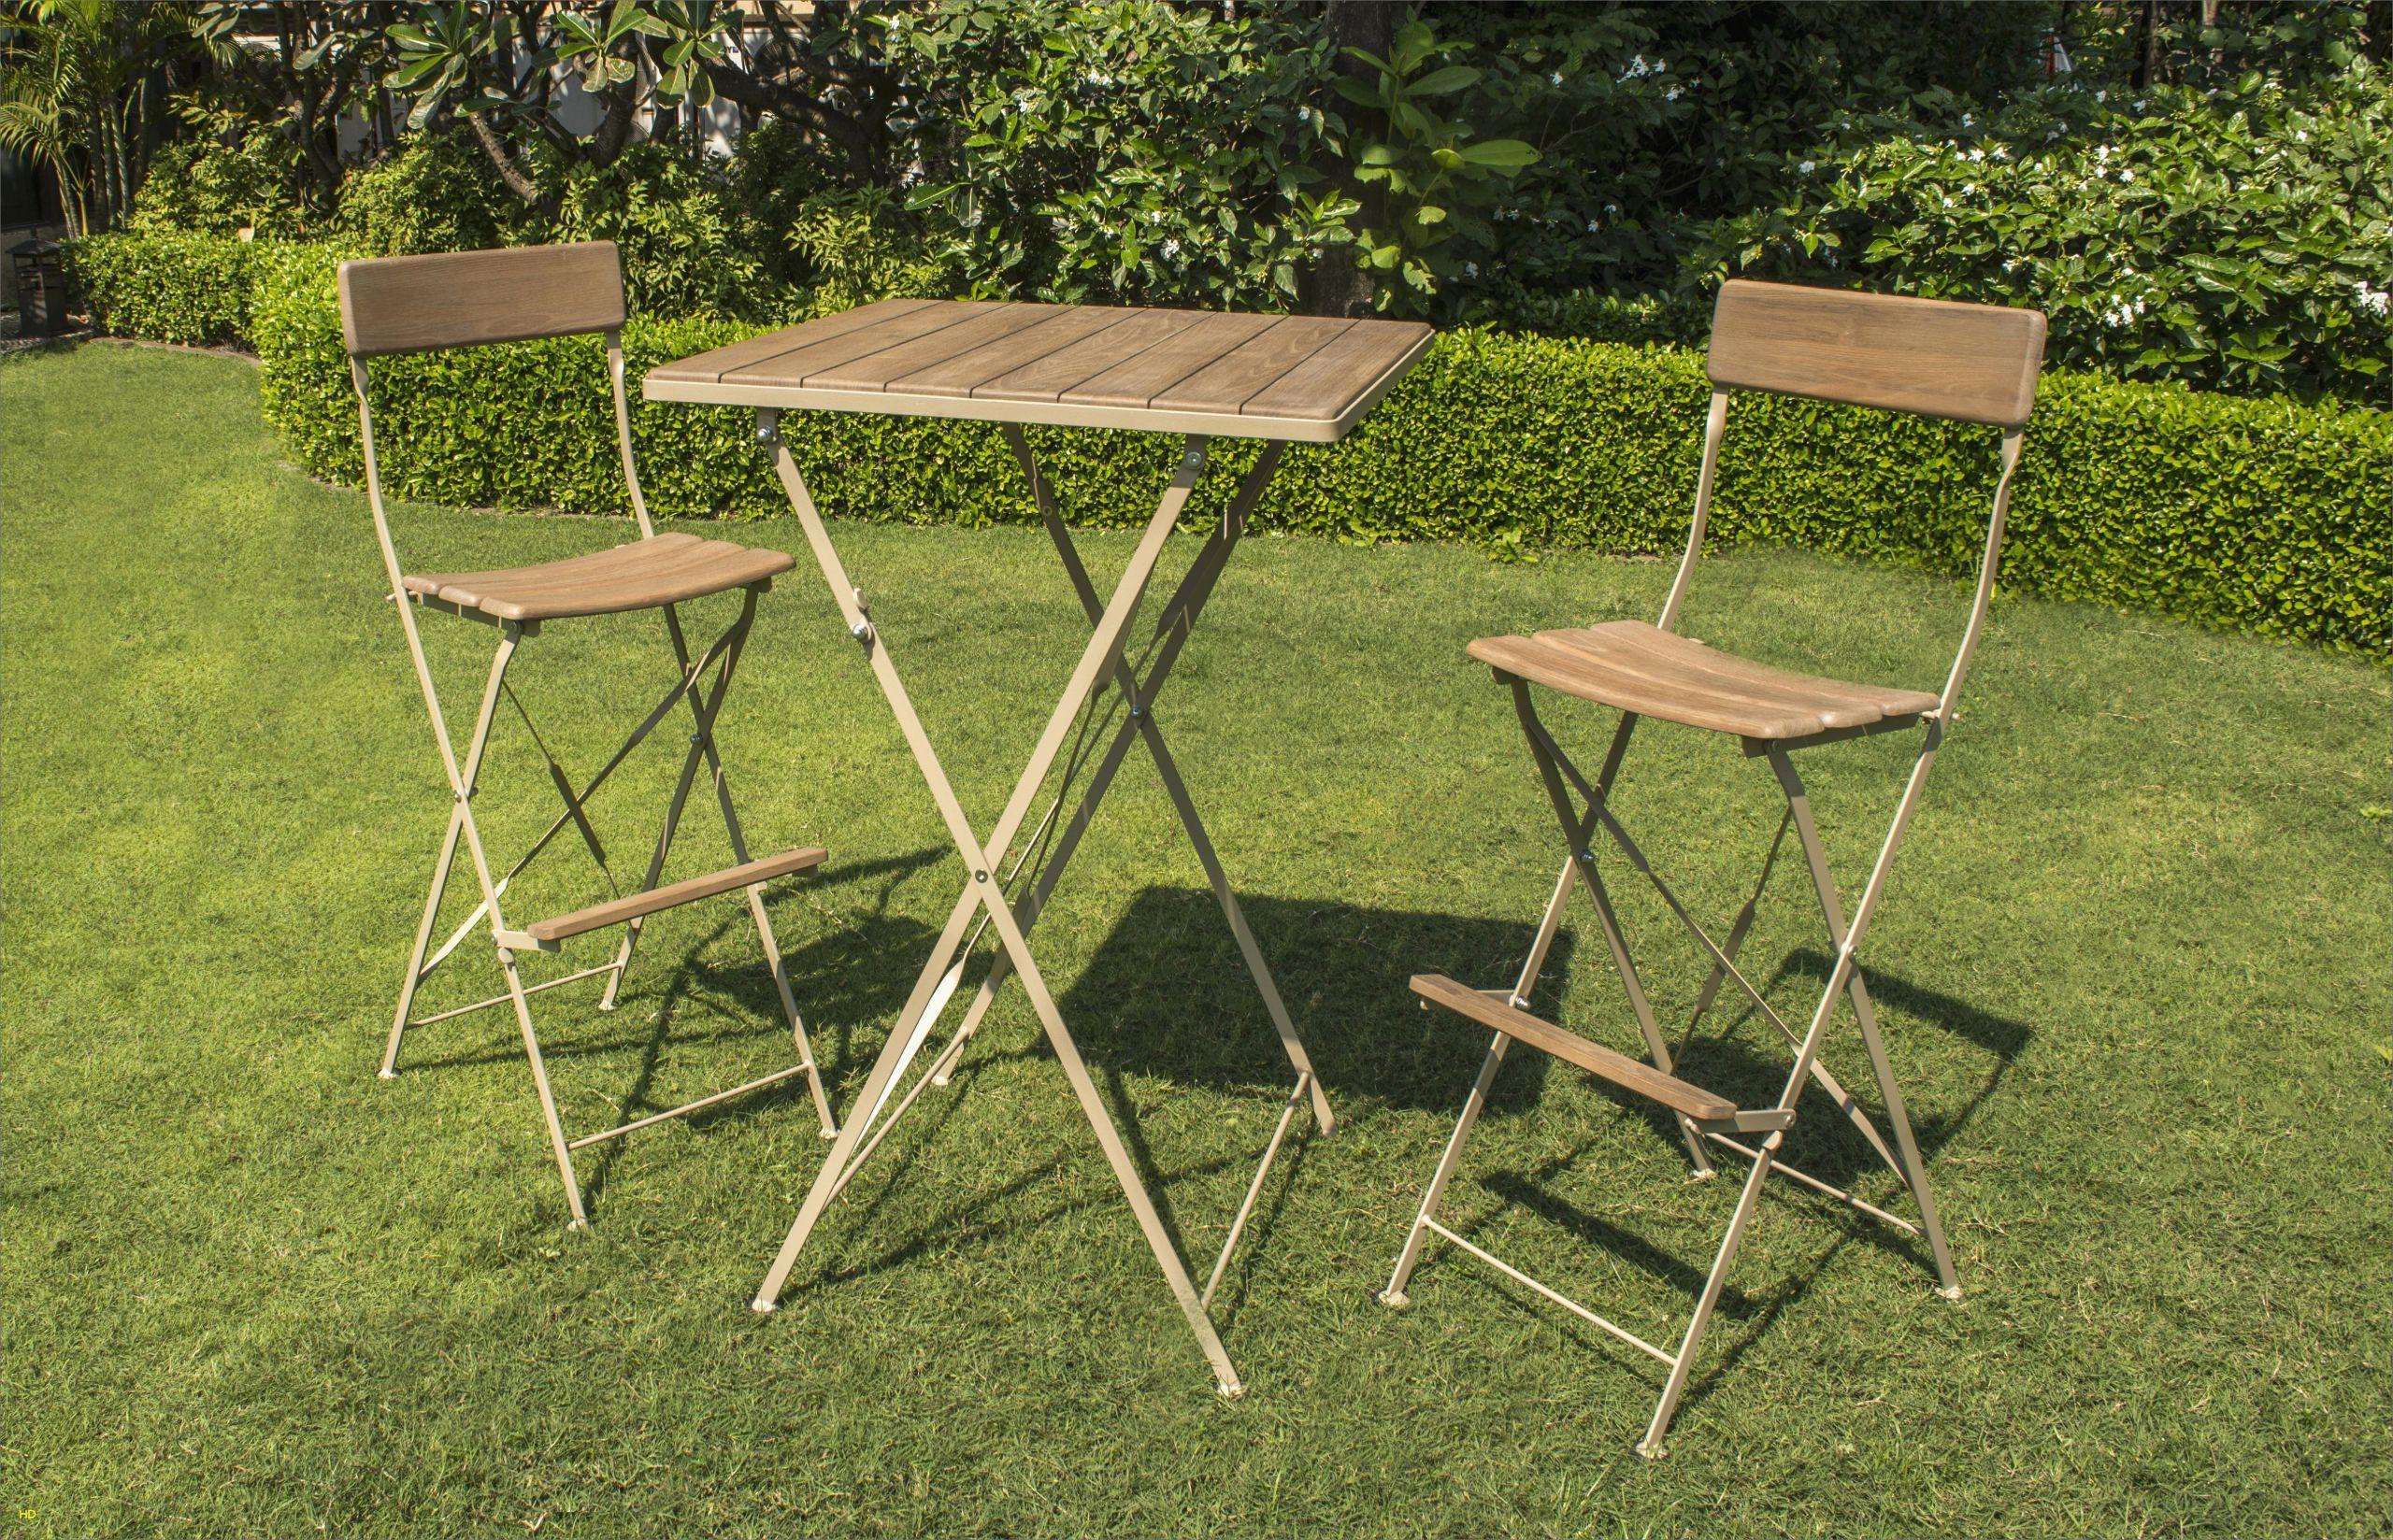 salon de jardin chaises empilables merveilleux salon de jardin chaises empilables charmant chaise jardin de salon de jardin chaises empilables